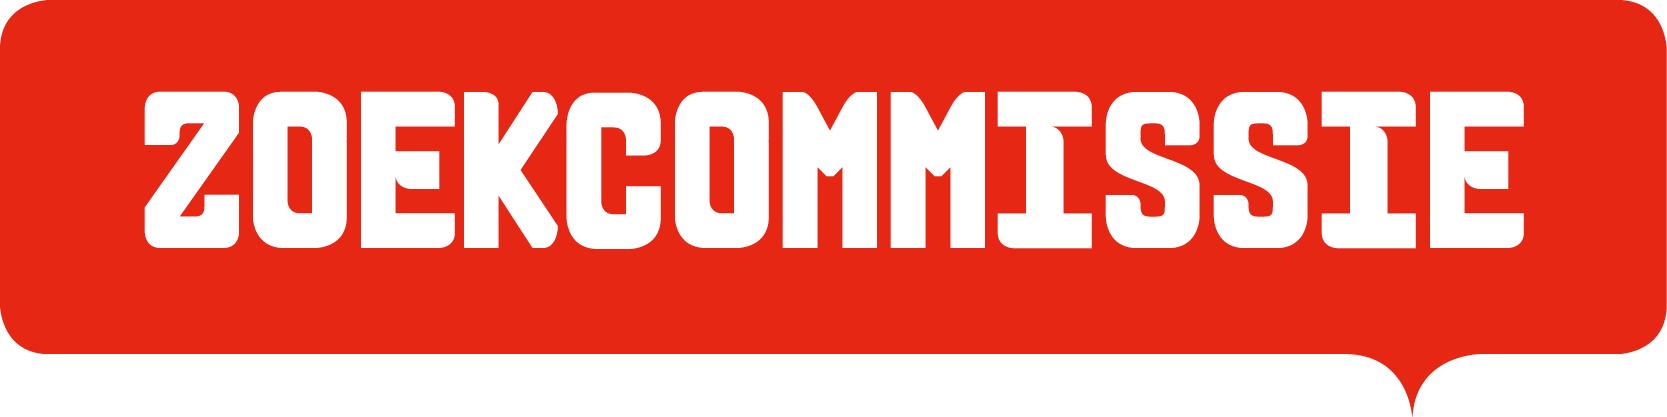 zoekcommissie